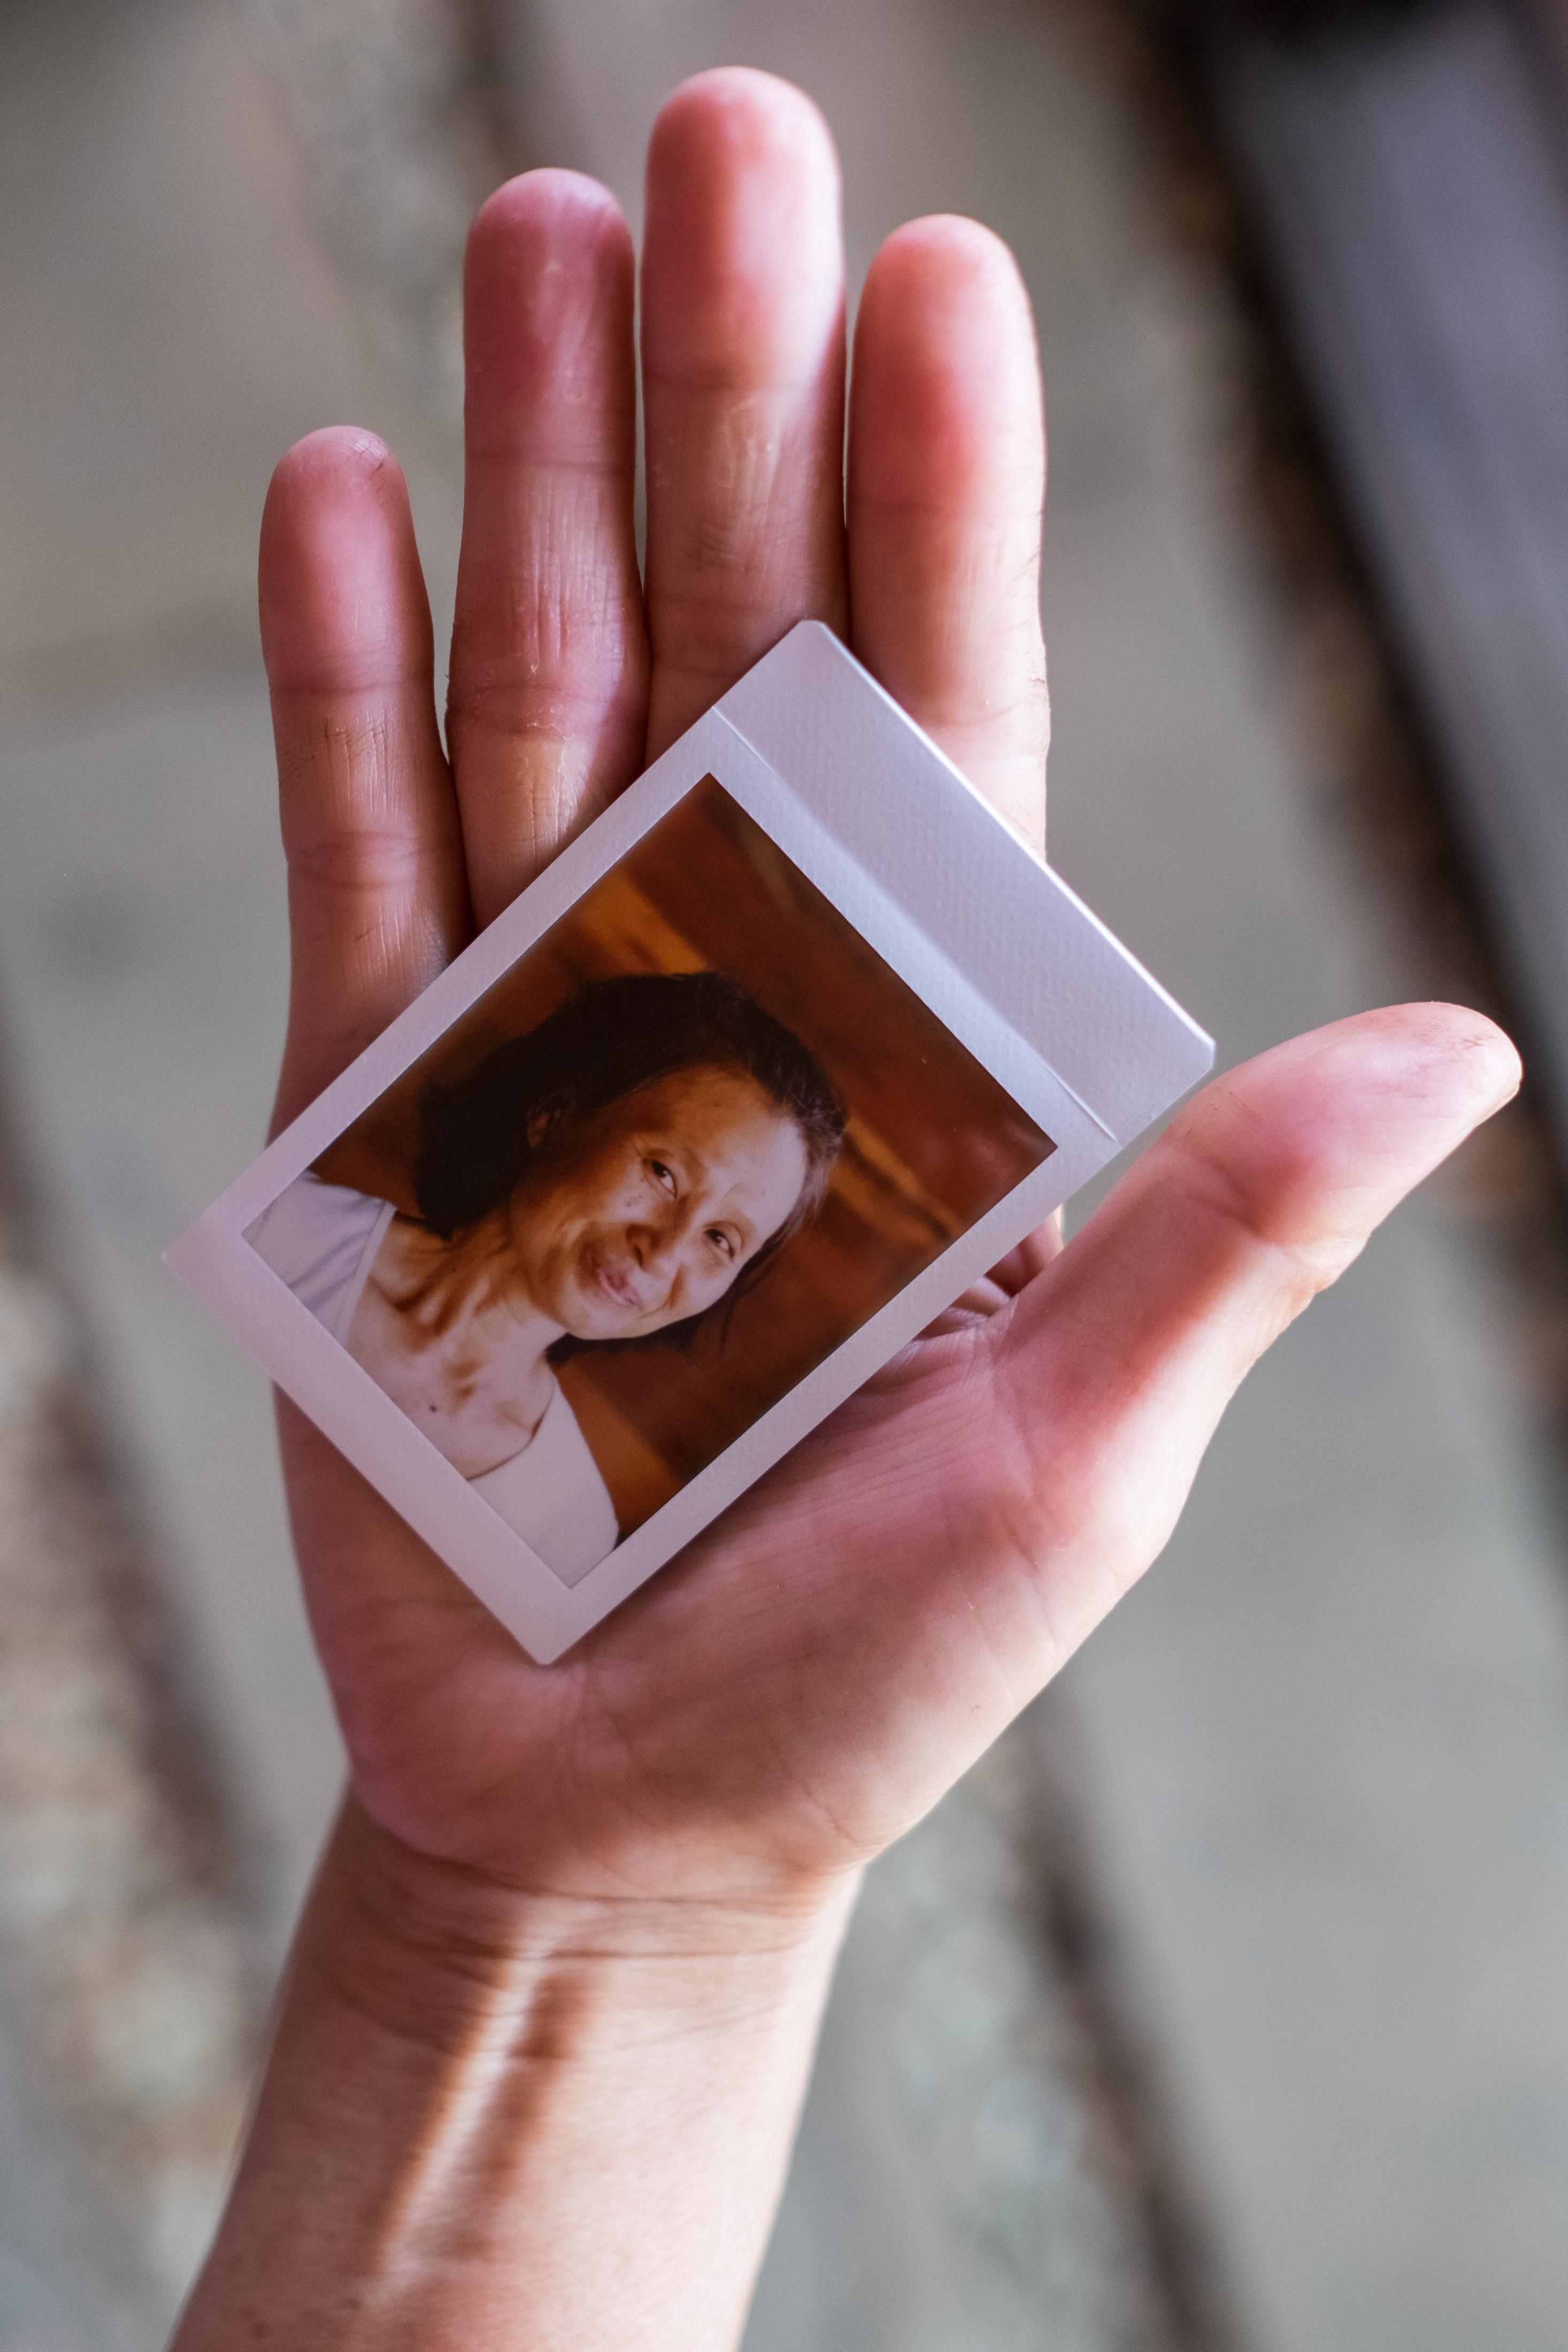 Olivier Bourget portrait dans la main-102